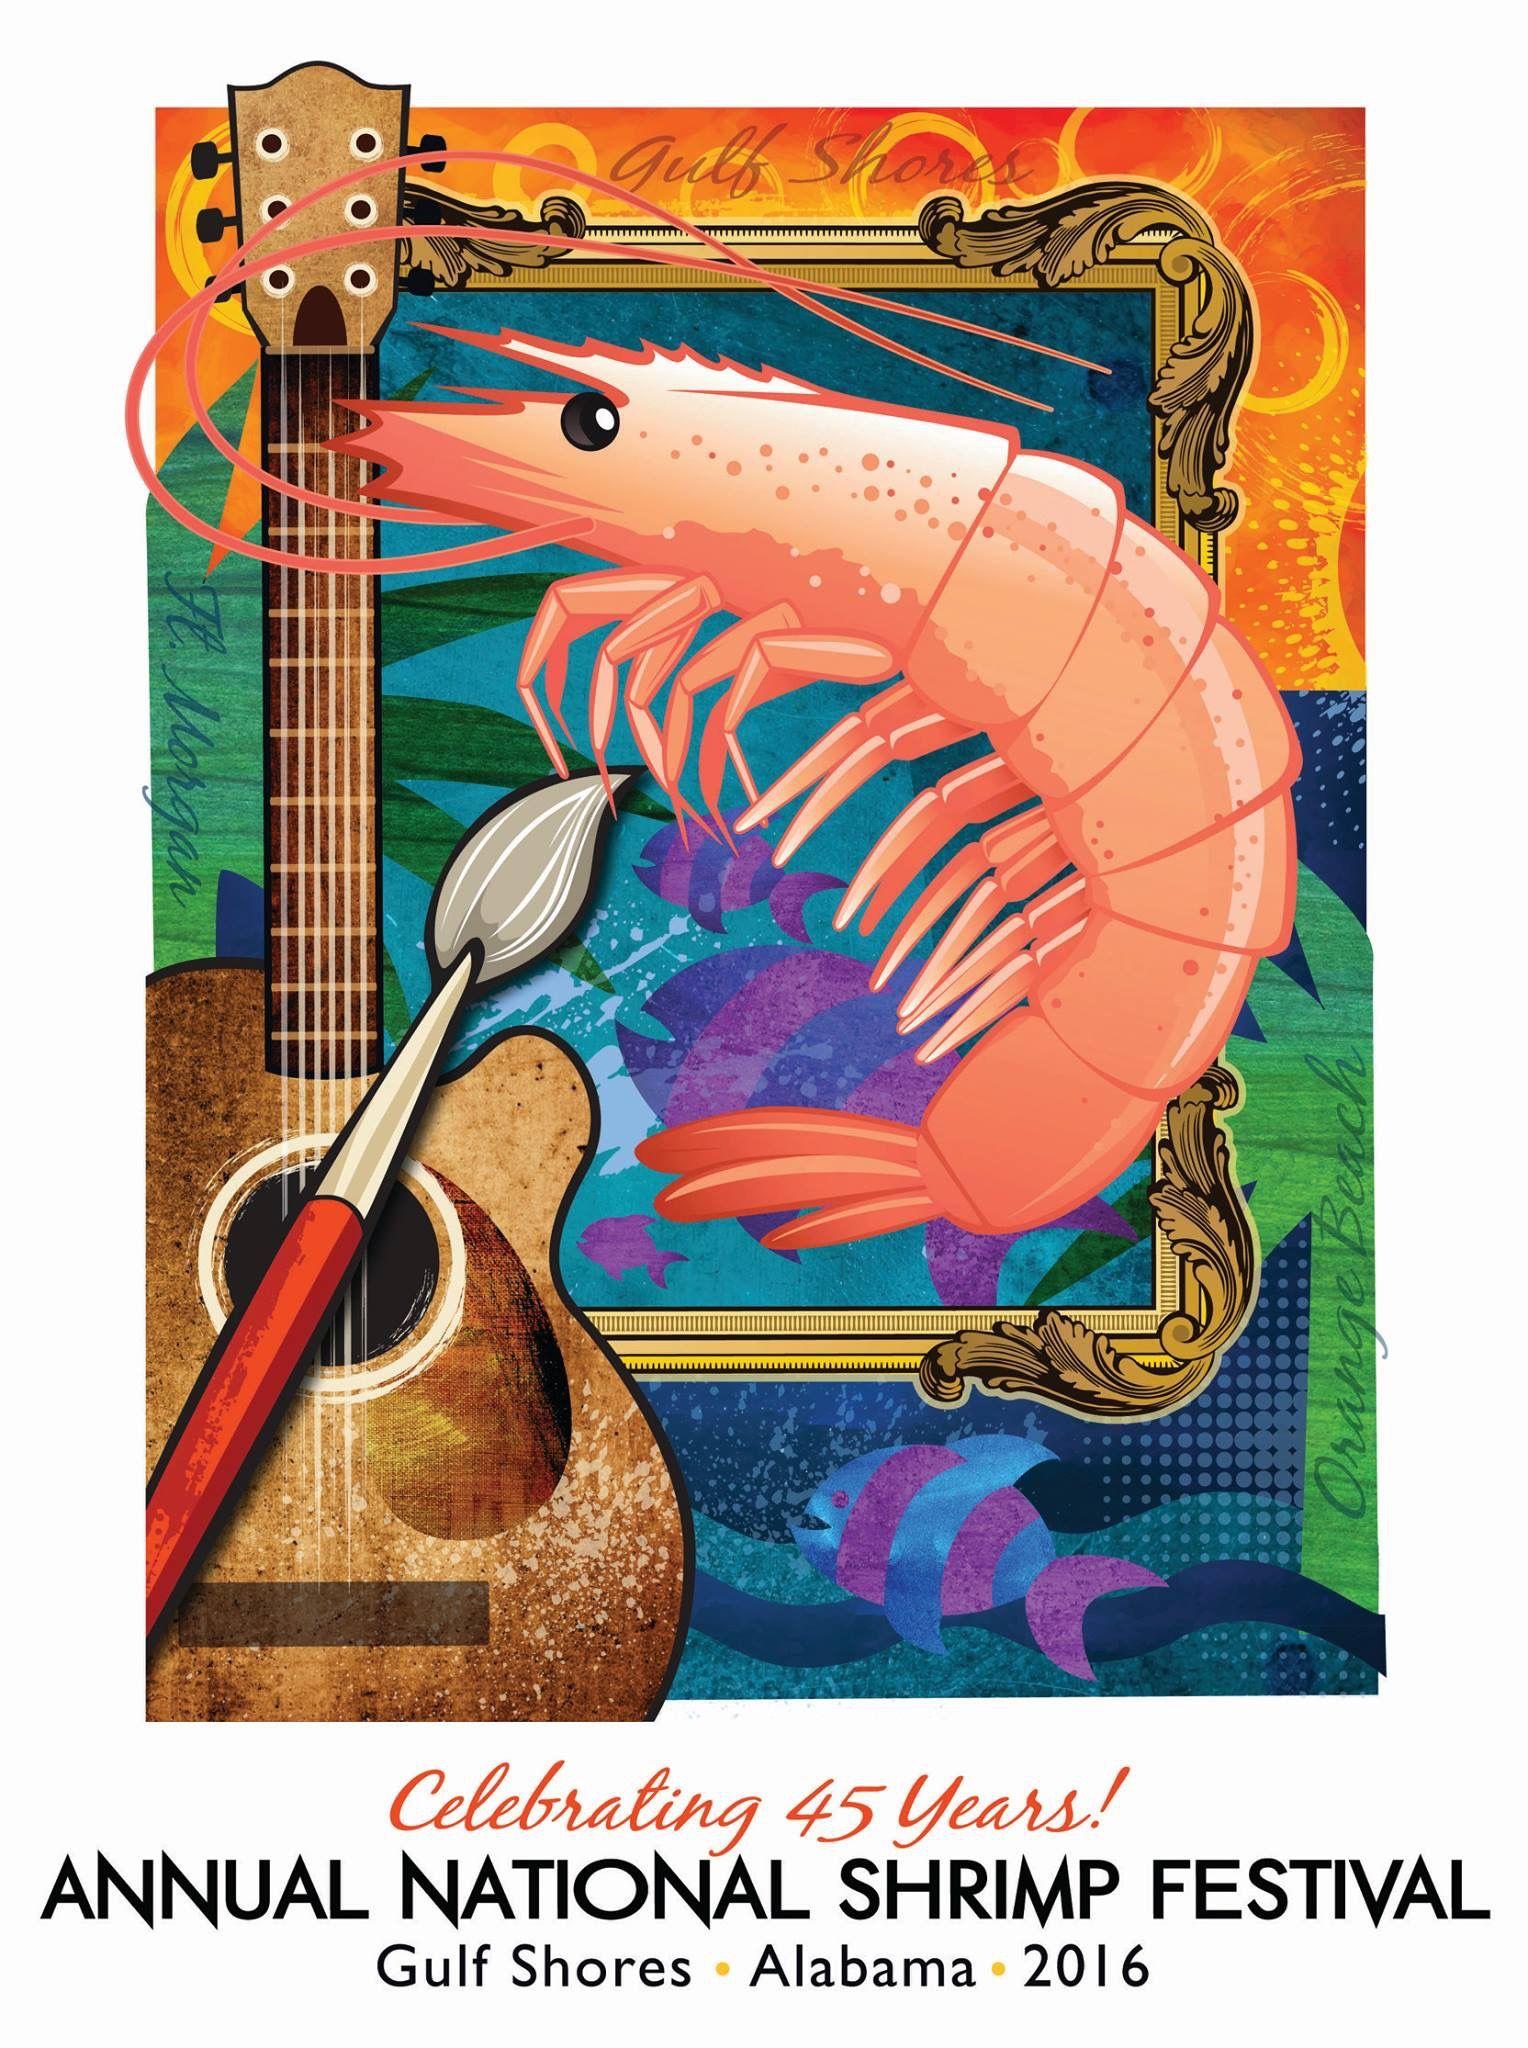 Gulf Shores shrimp fest Shrimp festival, Gulf shores